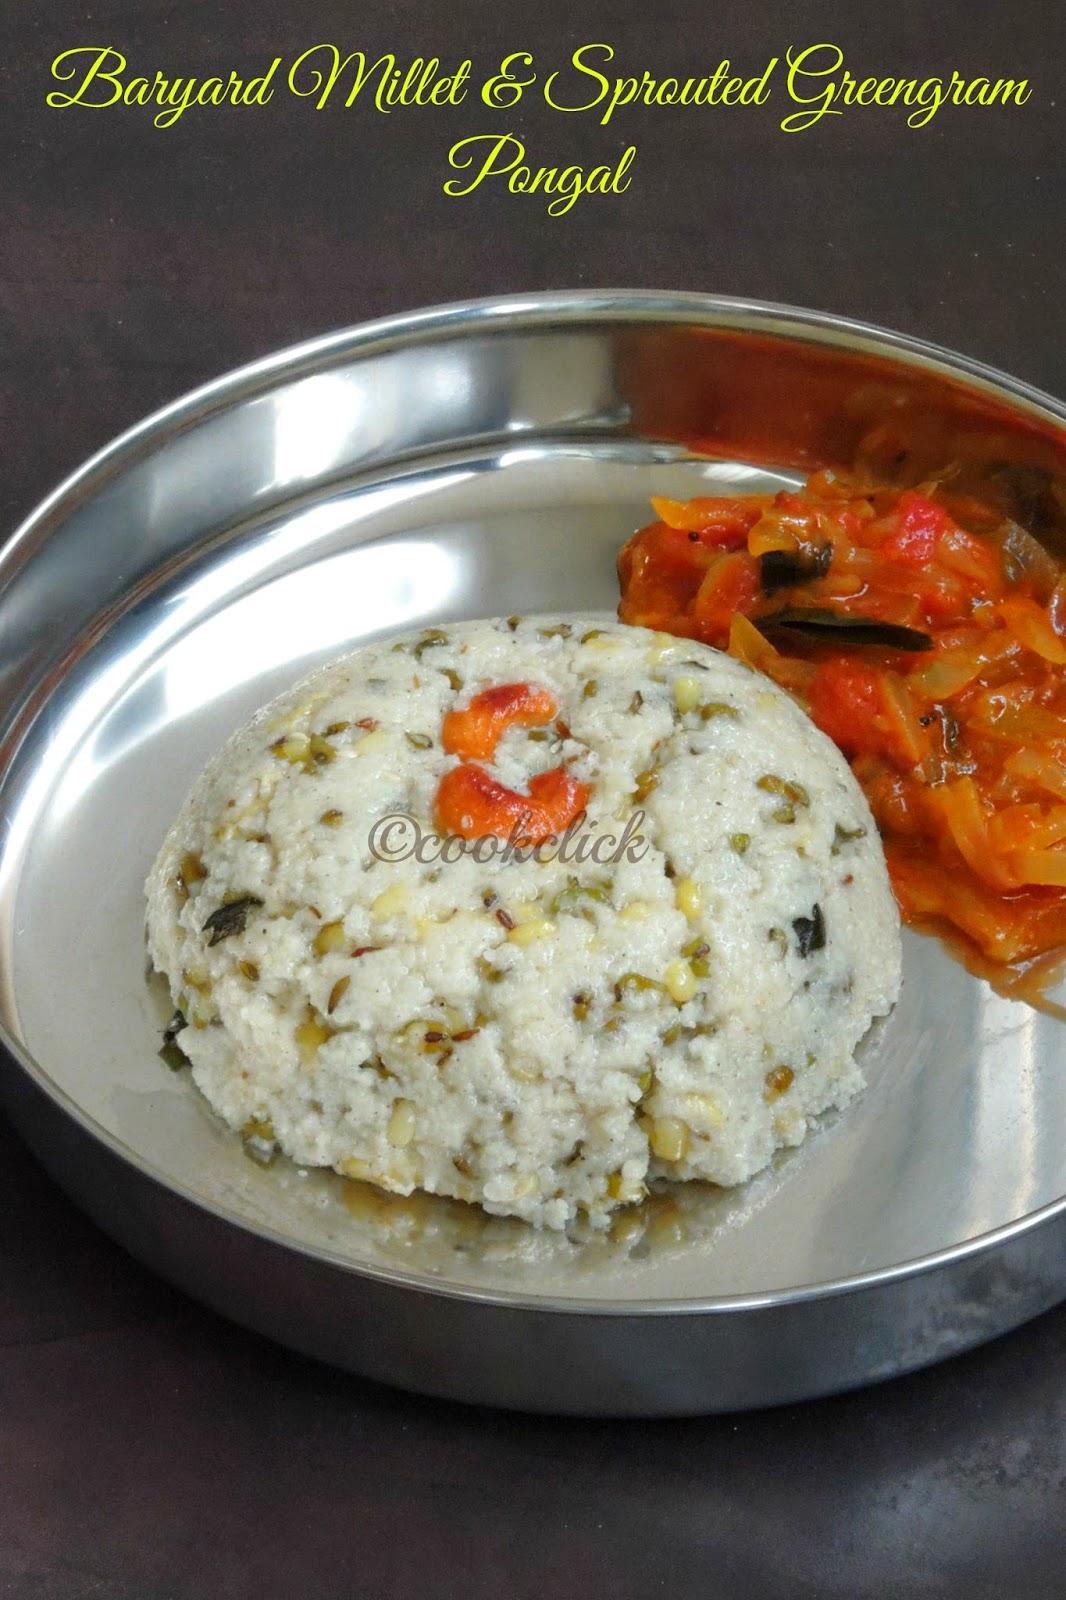 Baryard Millet & sprouted green gram pongal, Kuthiraivaali Venpongal